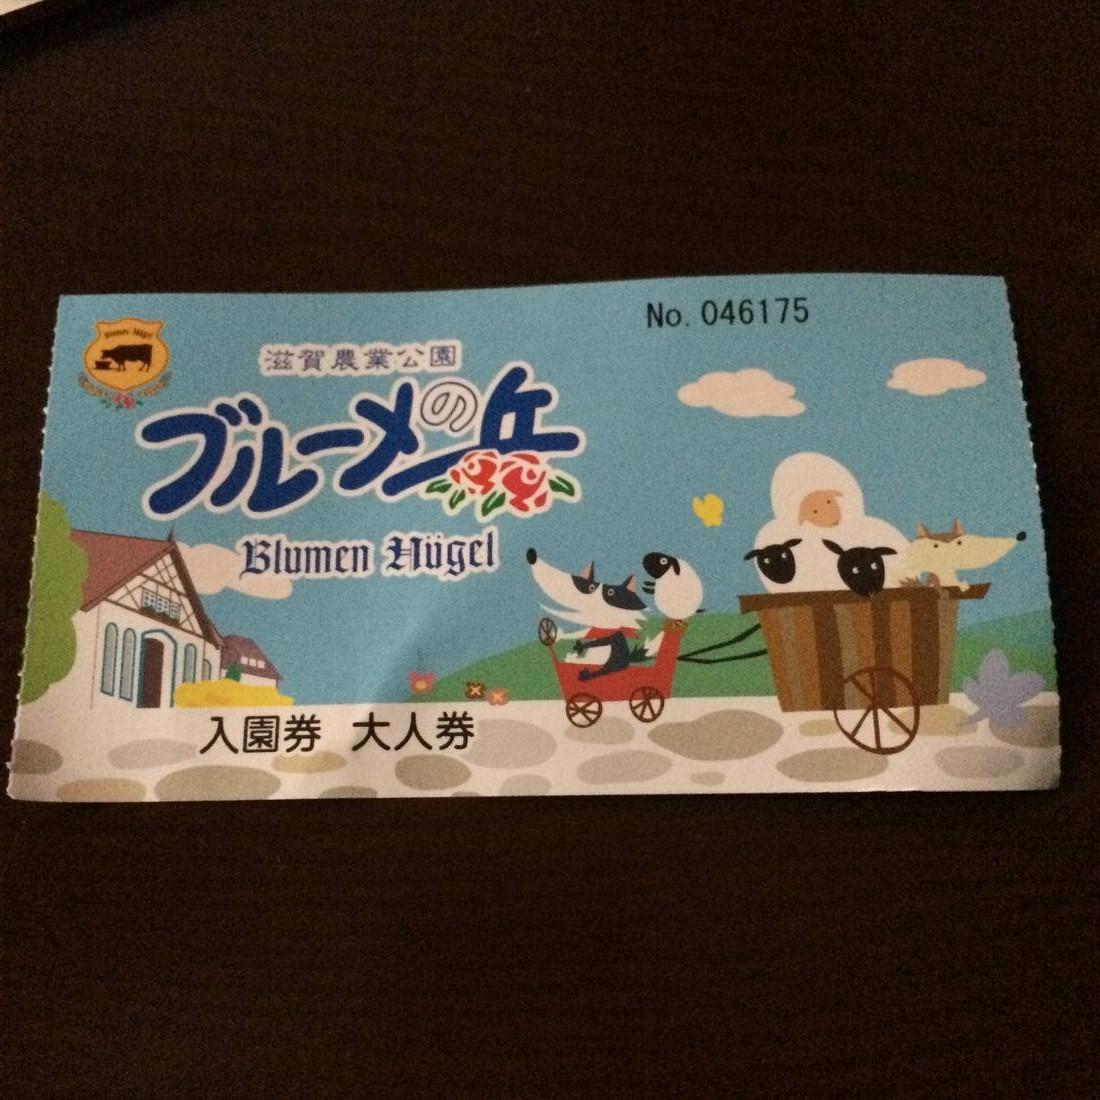 ひまわり畑を見に滋賀県のブルーメの丘に行ってきた!